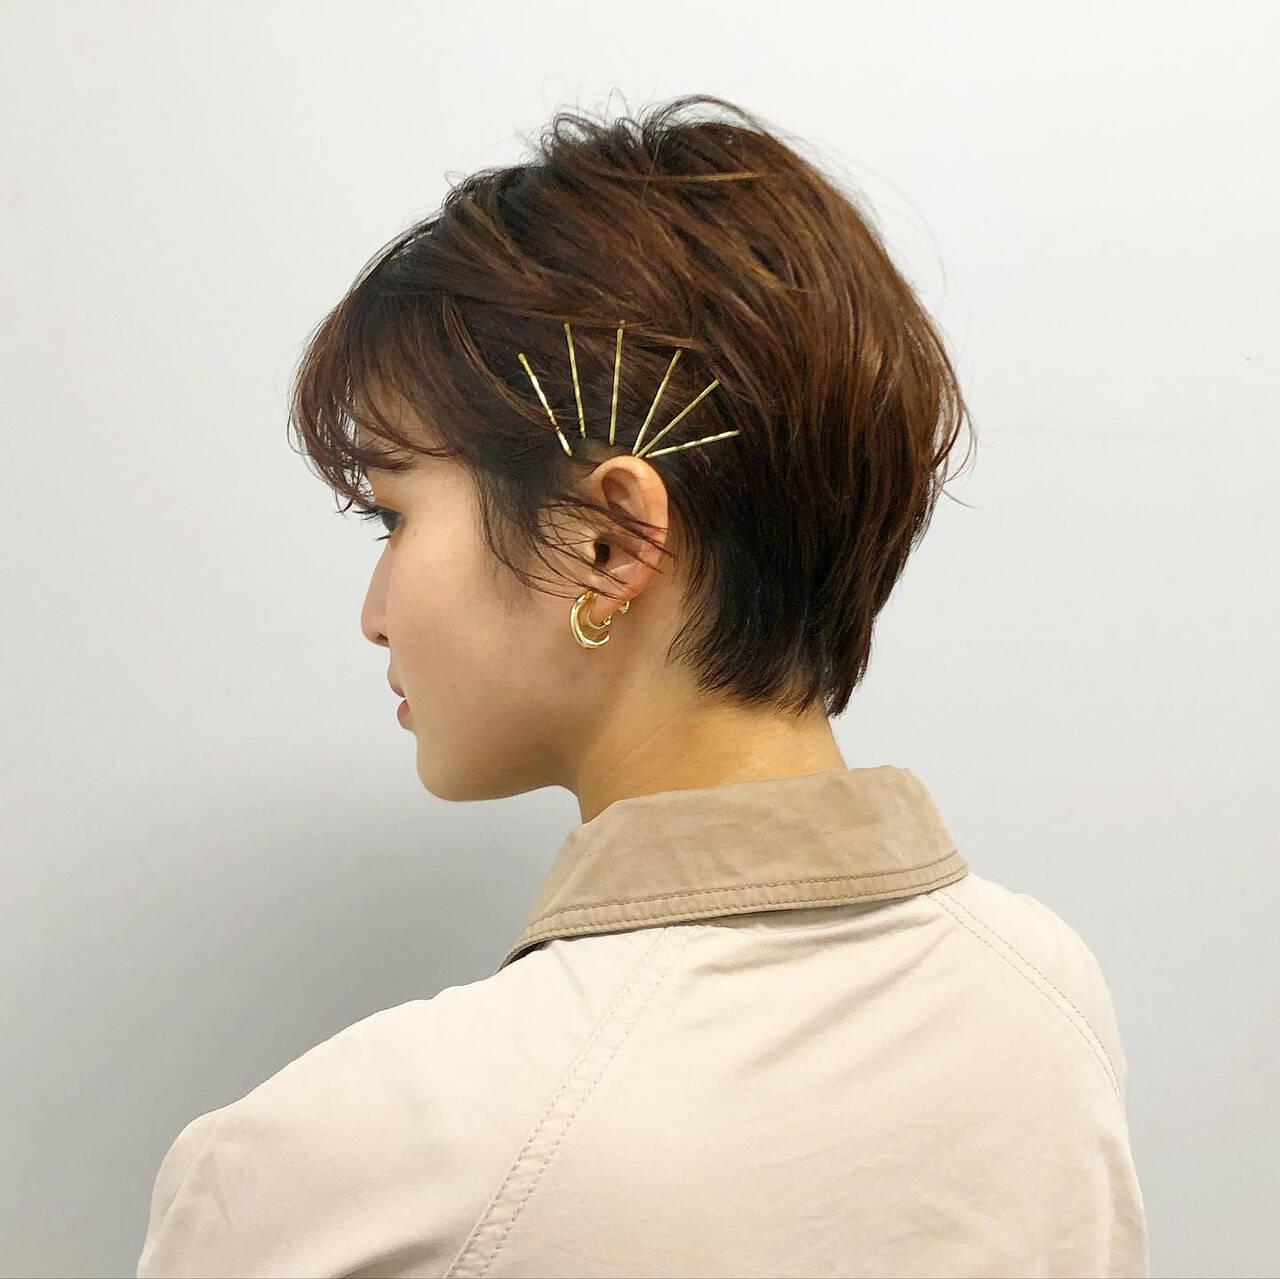 簡単ヘアアレンジ ヘアピン ショートヘアアレンジ ヘアアレンジヘアスタイルや髪型の写真・画像